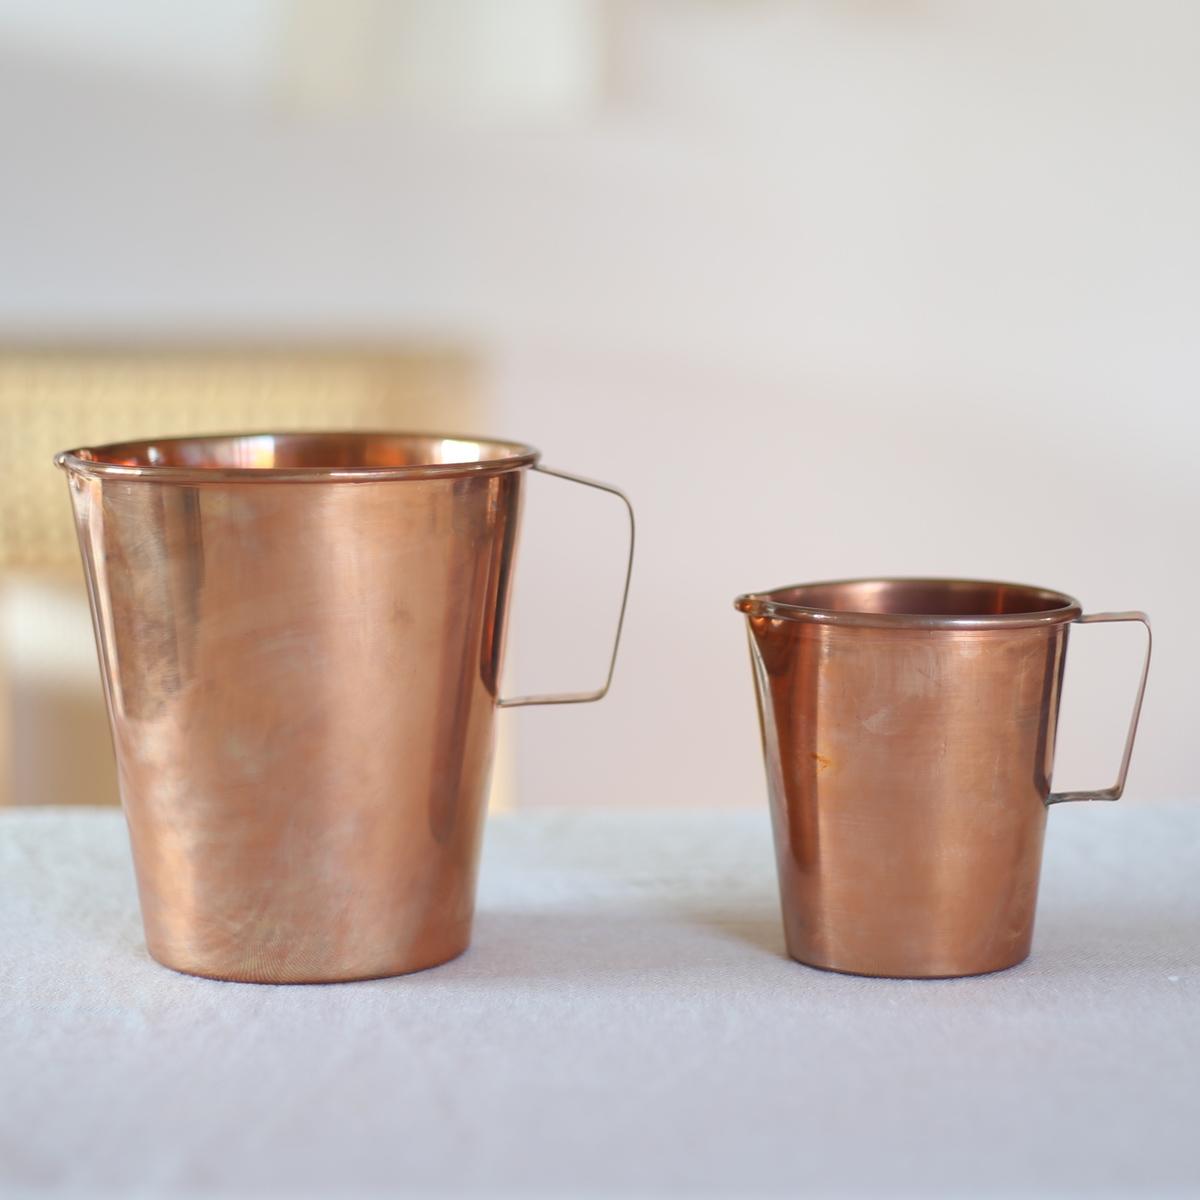 インドの銅のピッチャー おしゃれ かわいい カップ